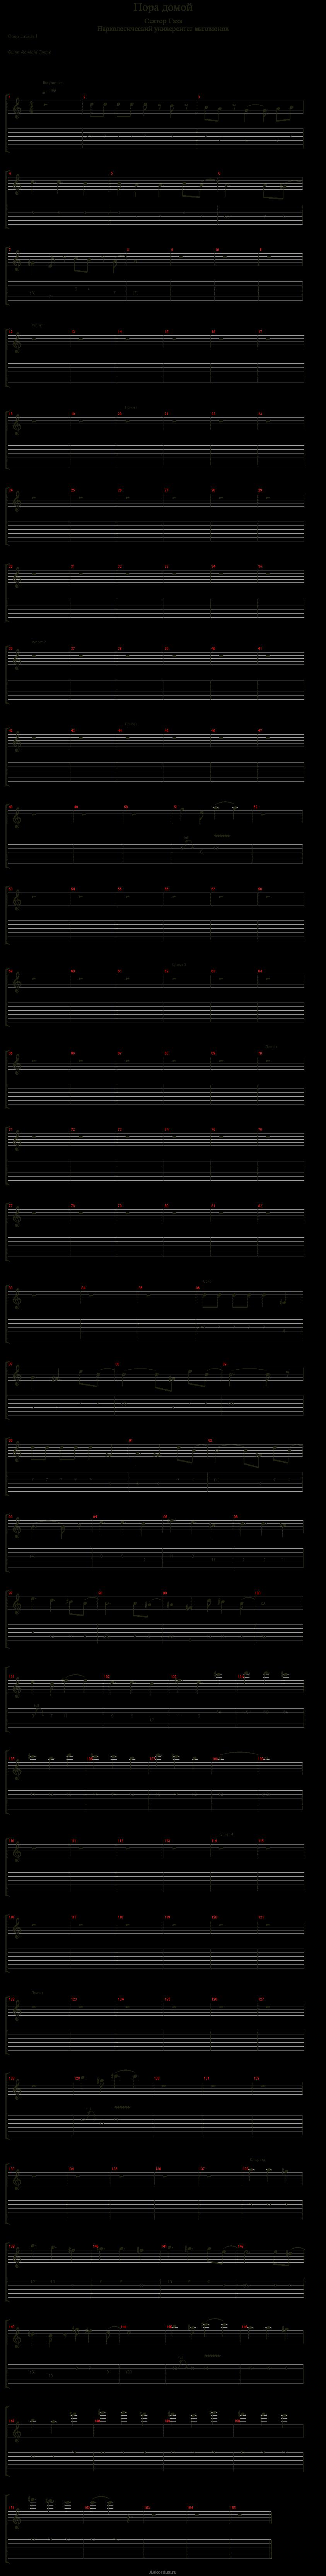 Ноты песни сектора газа комары таб 1 инструмент 2